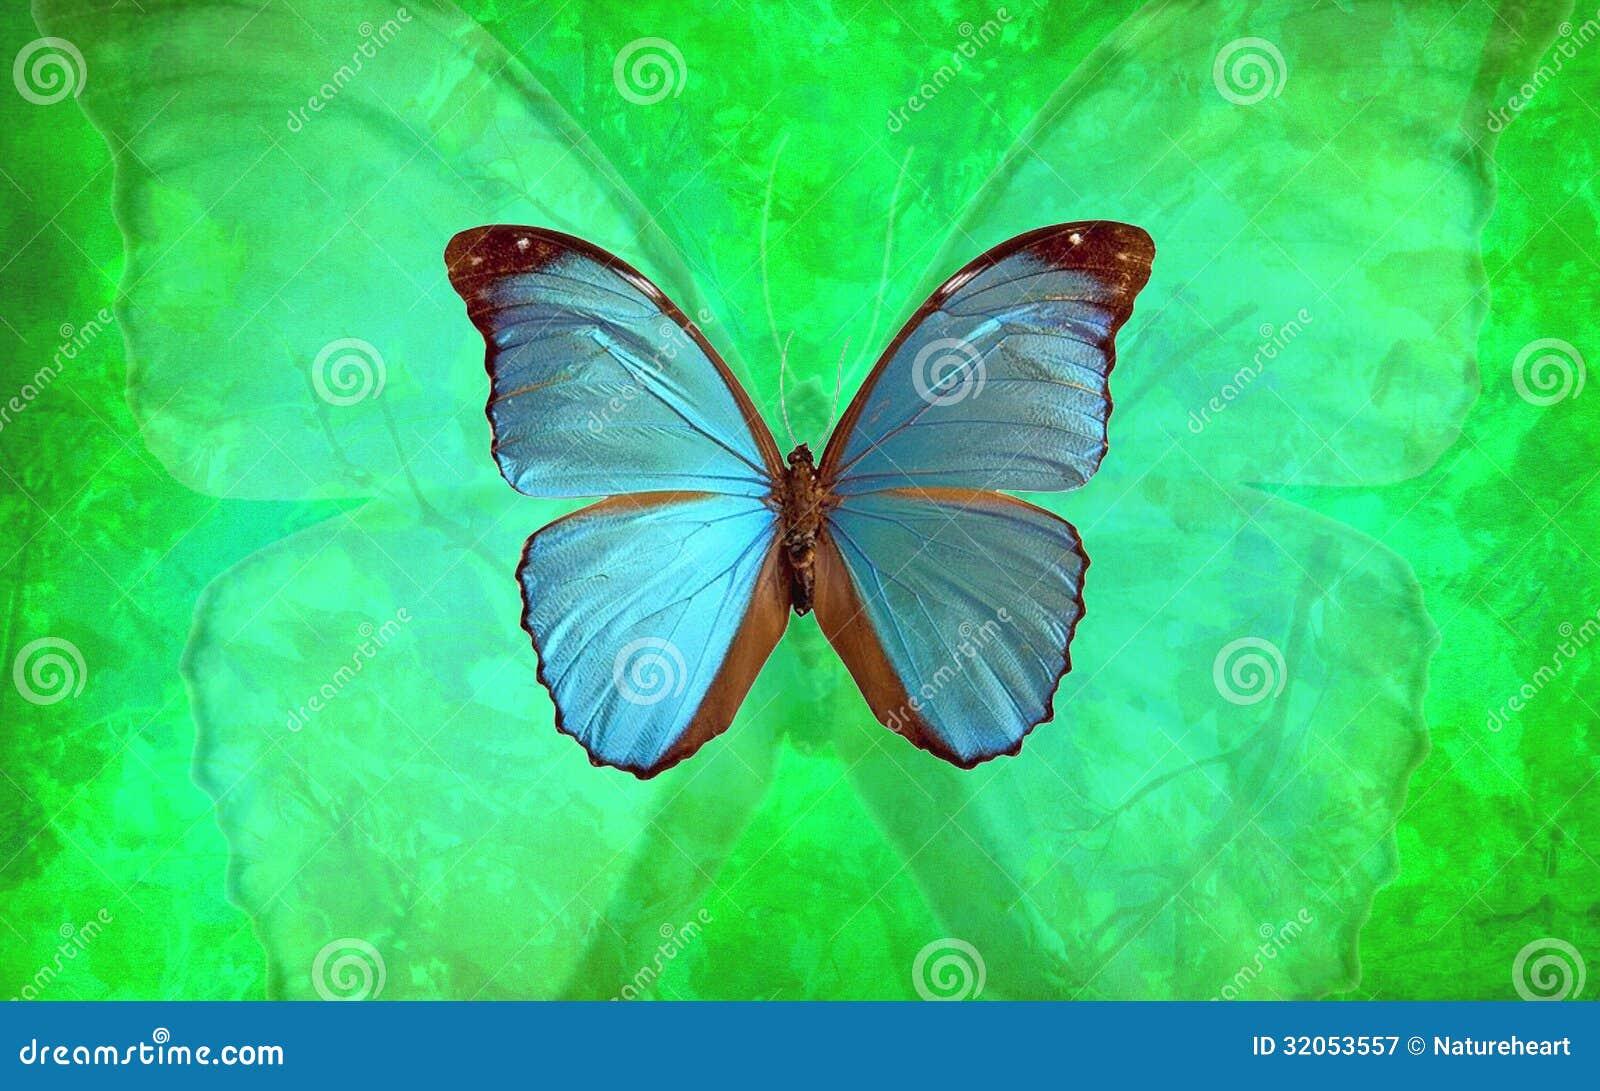 Blauer Morpho-Schmetterling mit vibrierendem grünem Hintergrund